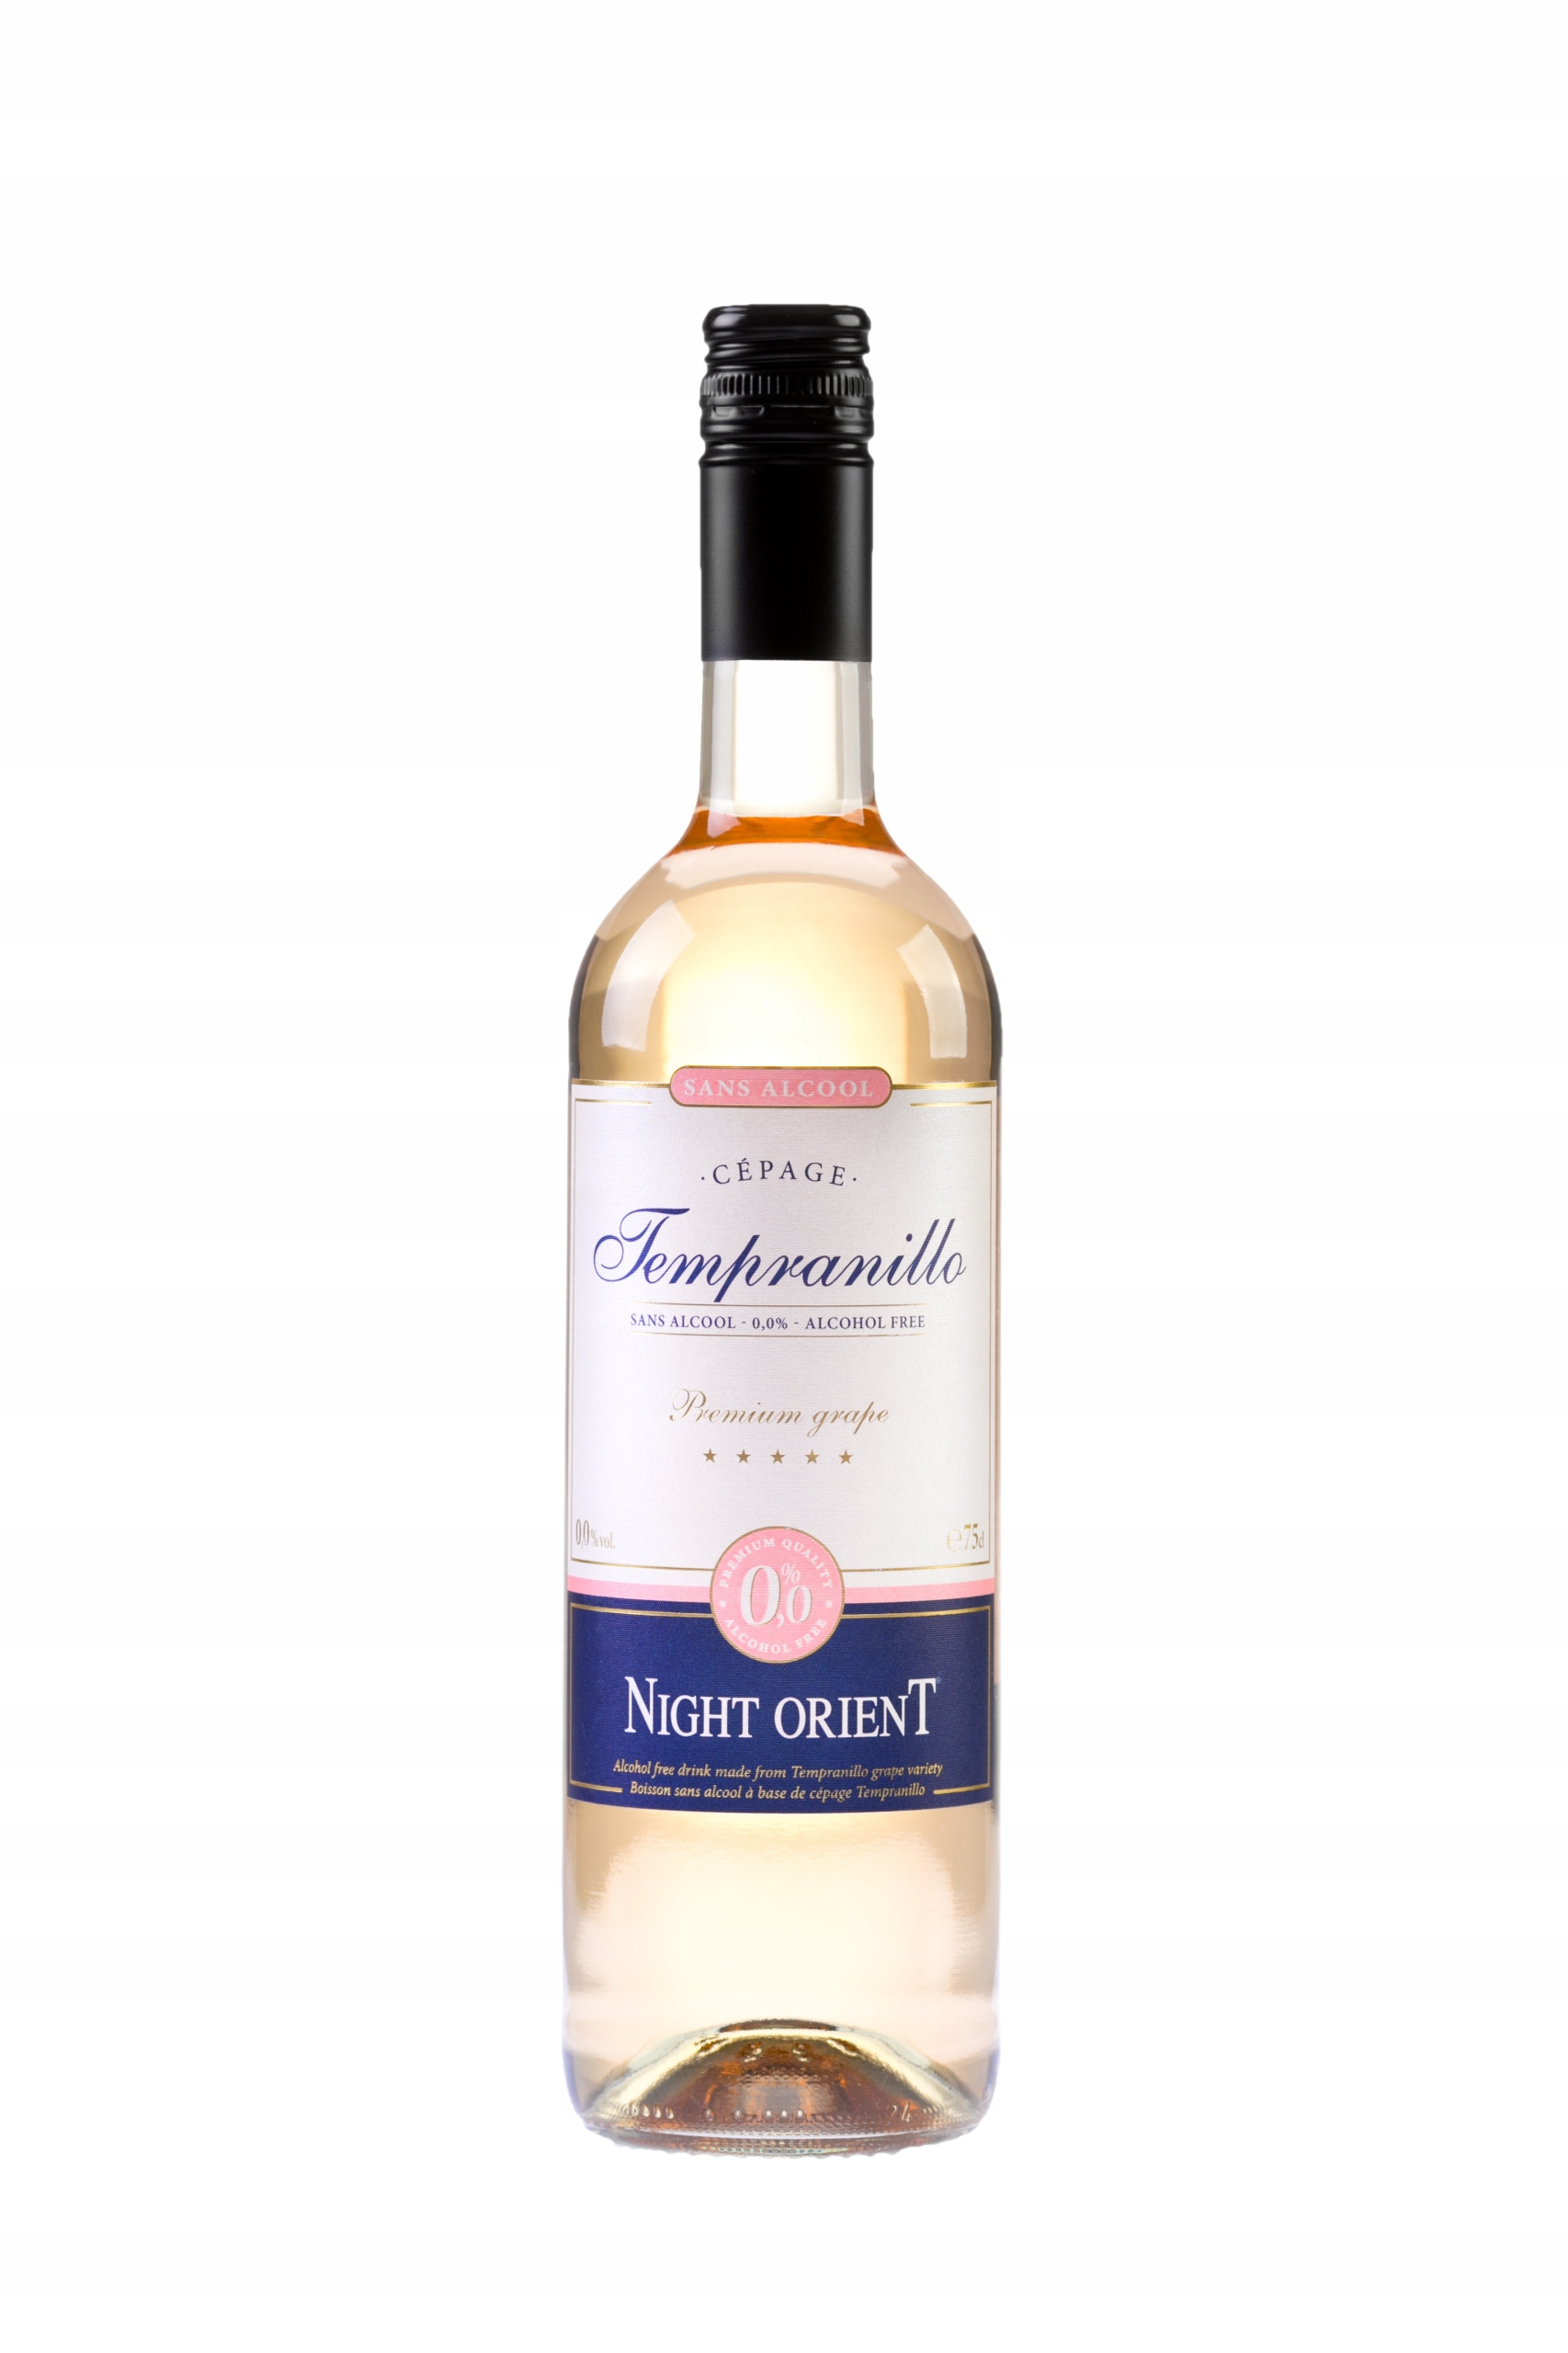 NIGHT ORIENT Безалкогольное вино 0% Темпранильо